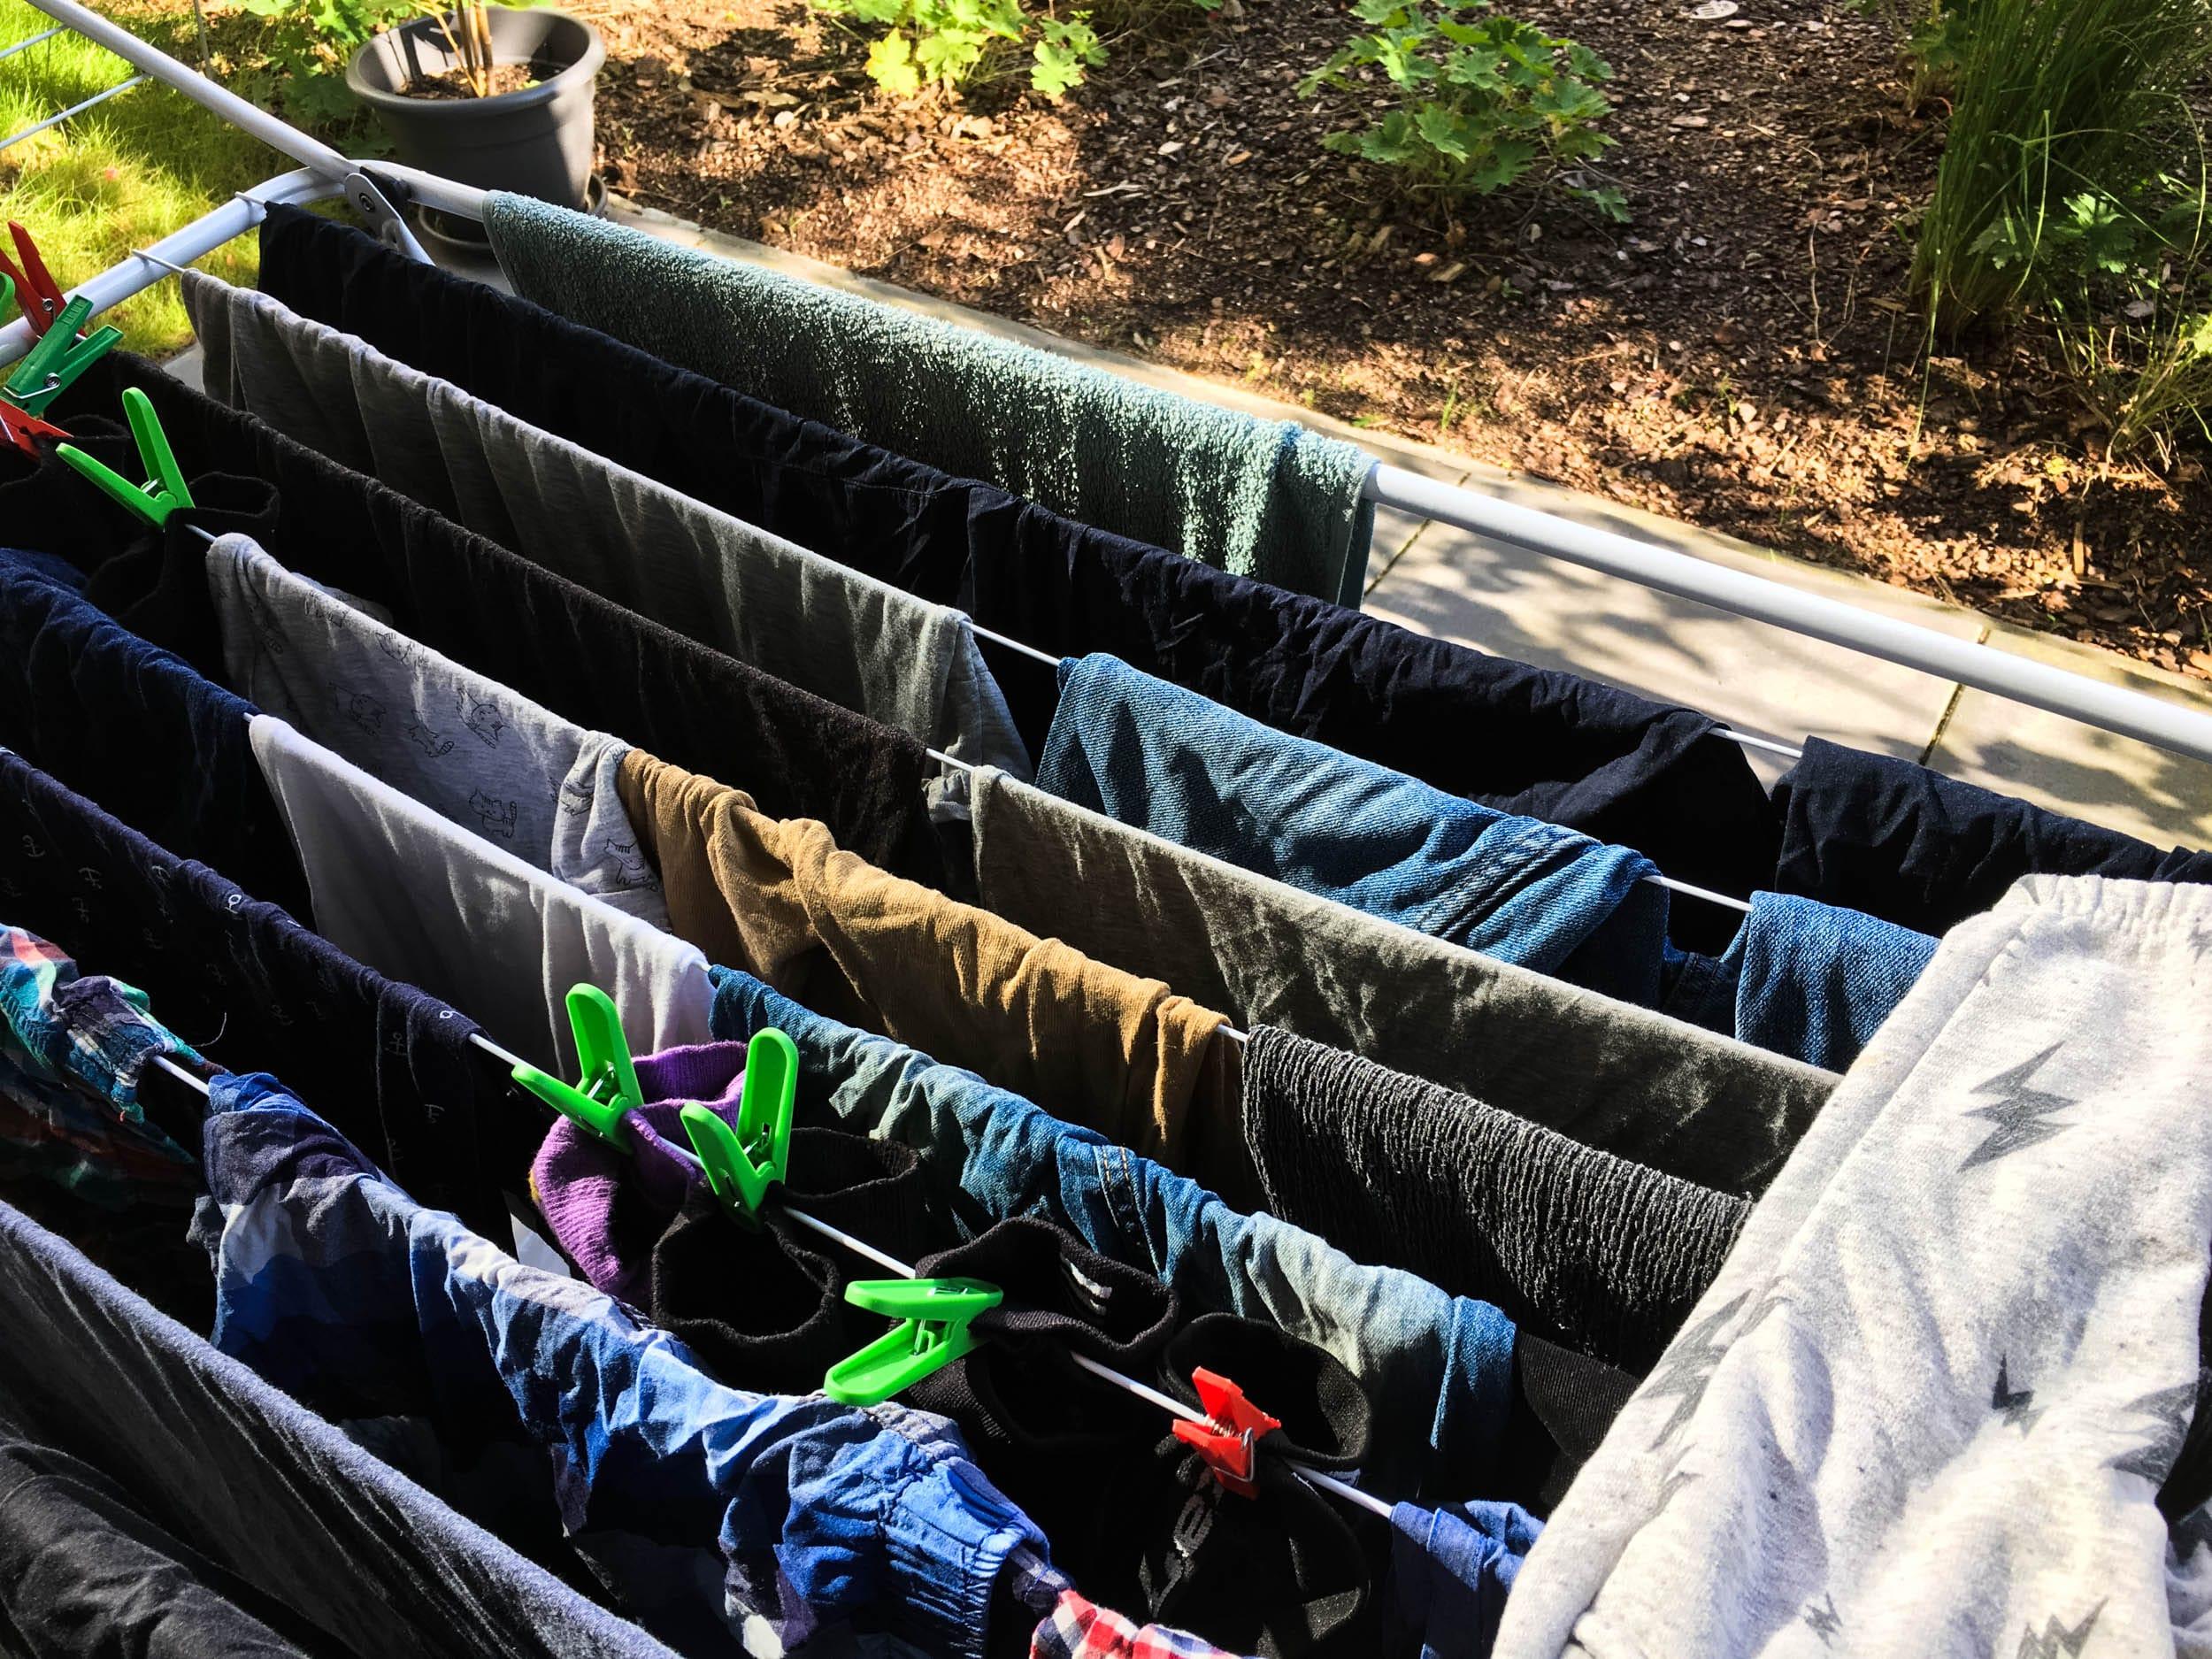 Wäsche trocknen auf der Terrasse | ivy.li